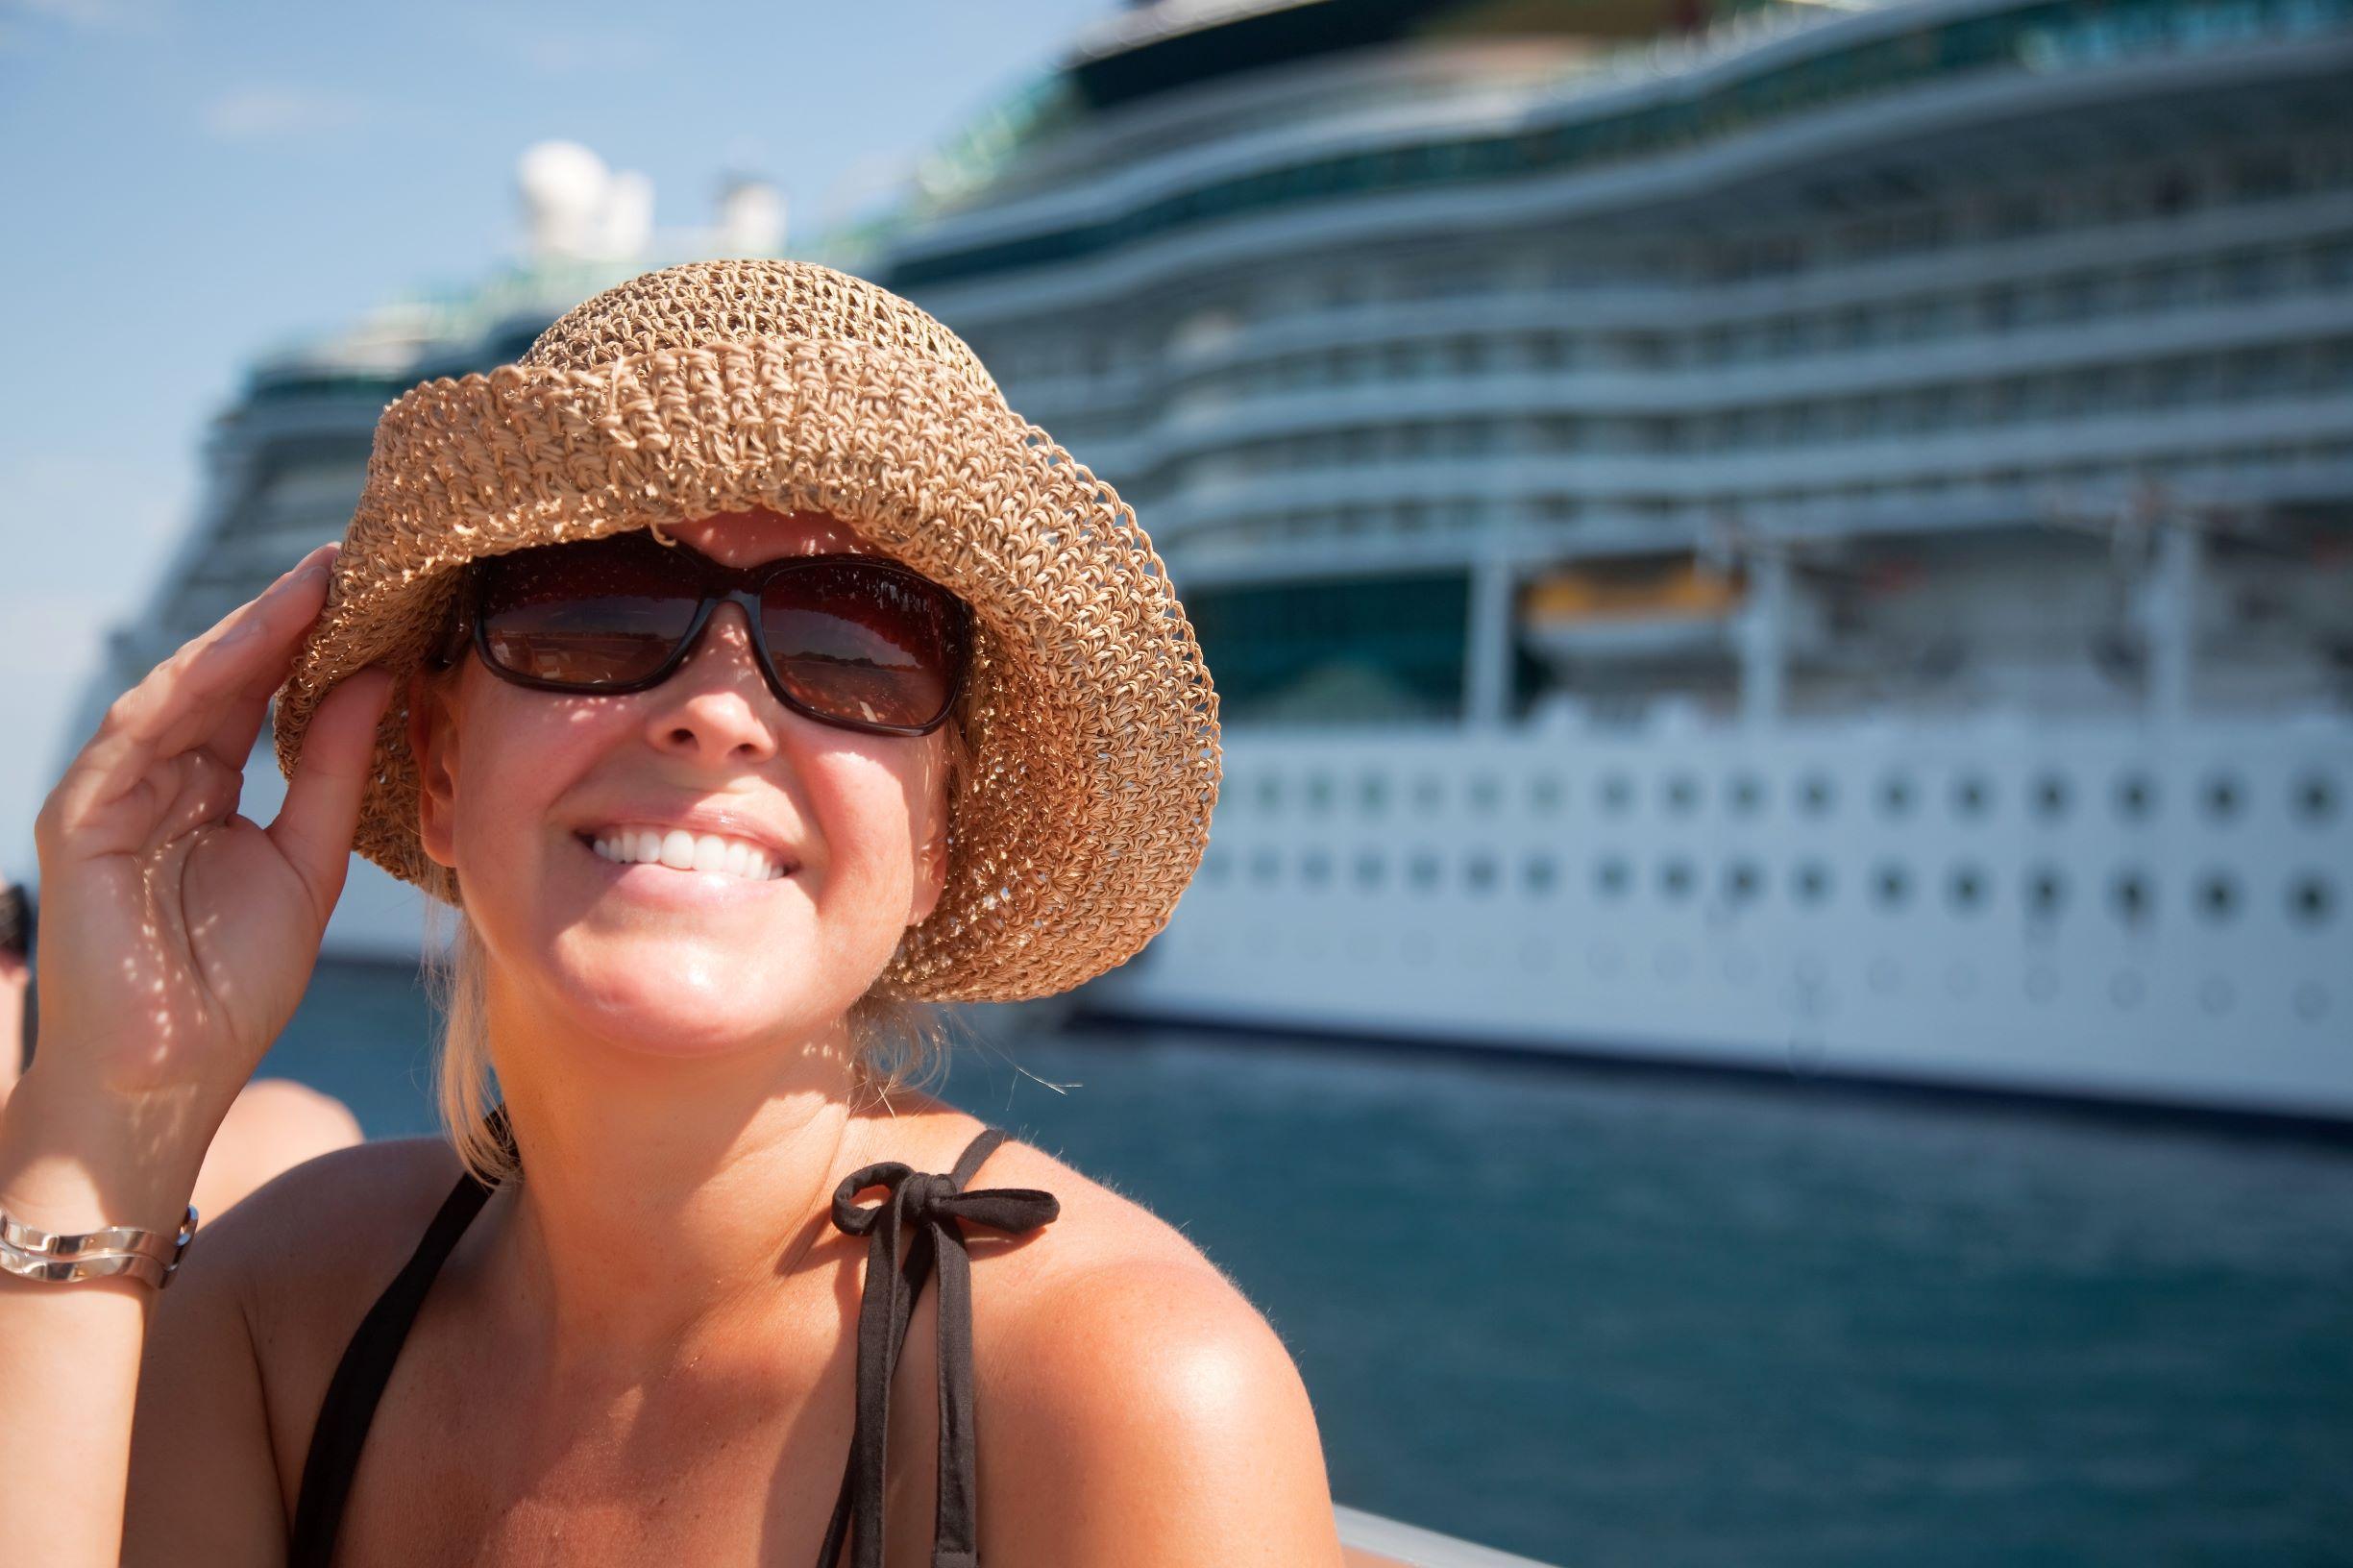 Die besten Kreuzfahrt Angebote findest Du bei urlaubsrosi. Egal ob AIDA, MSC oder Mein Schiff